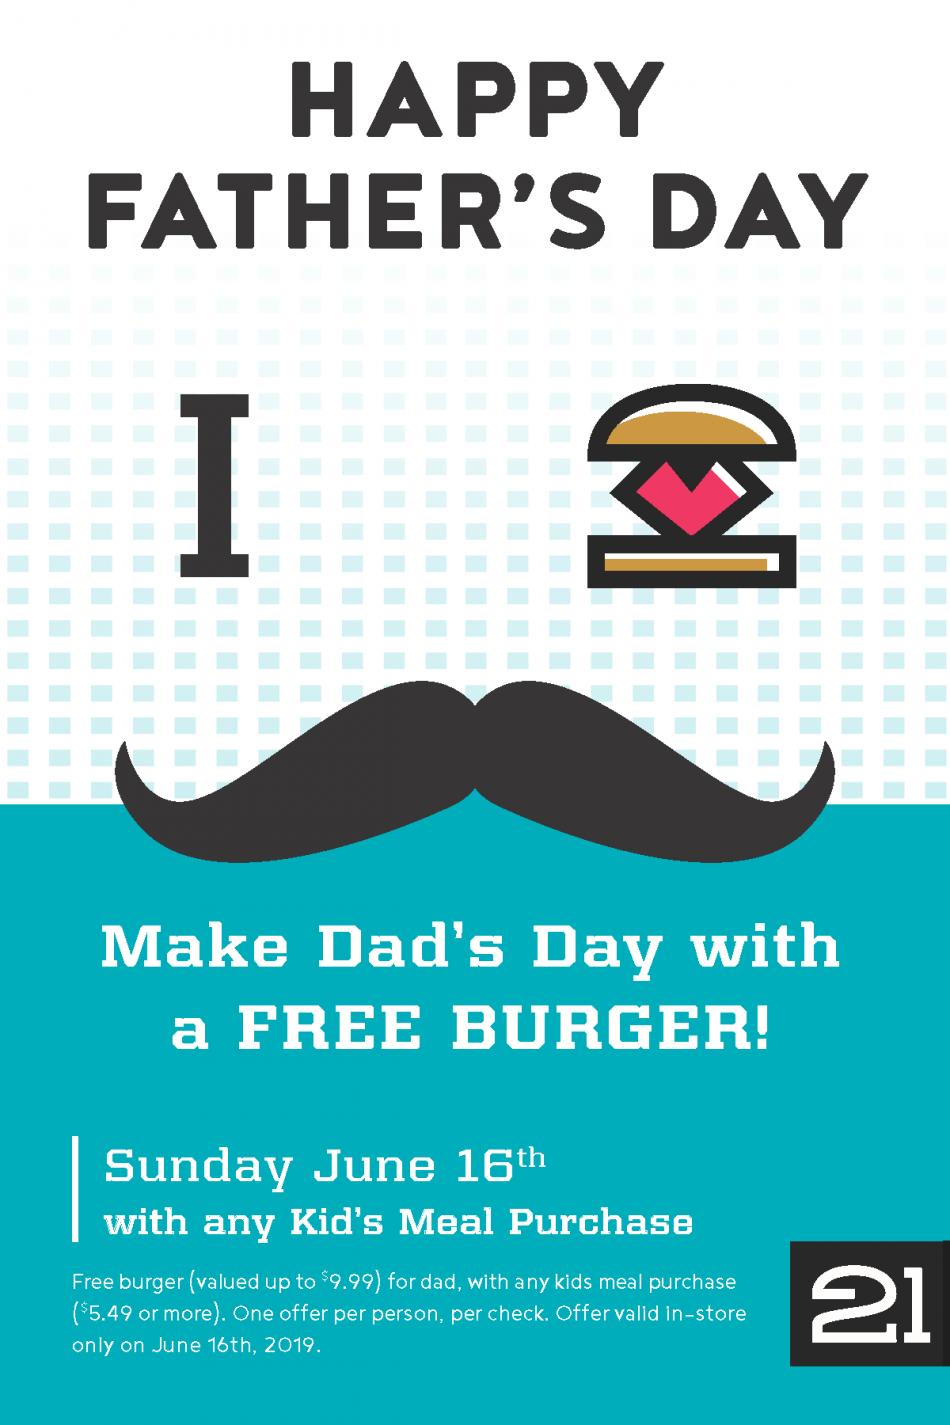 Free Burger for Dad at Burger 21